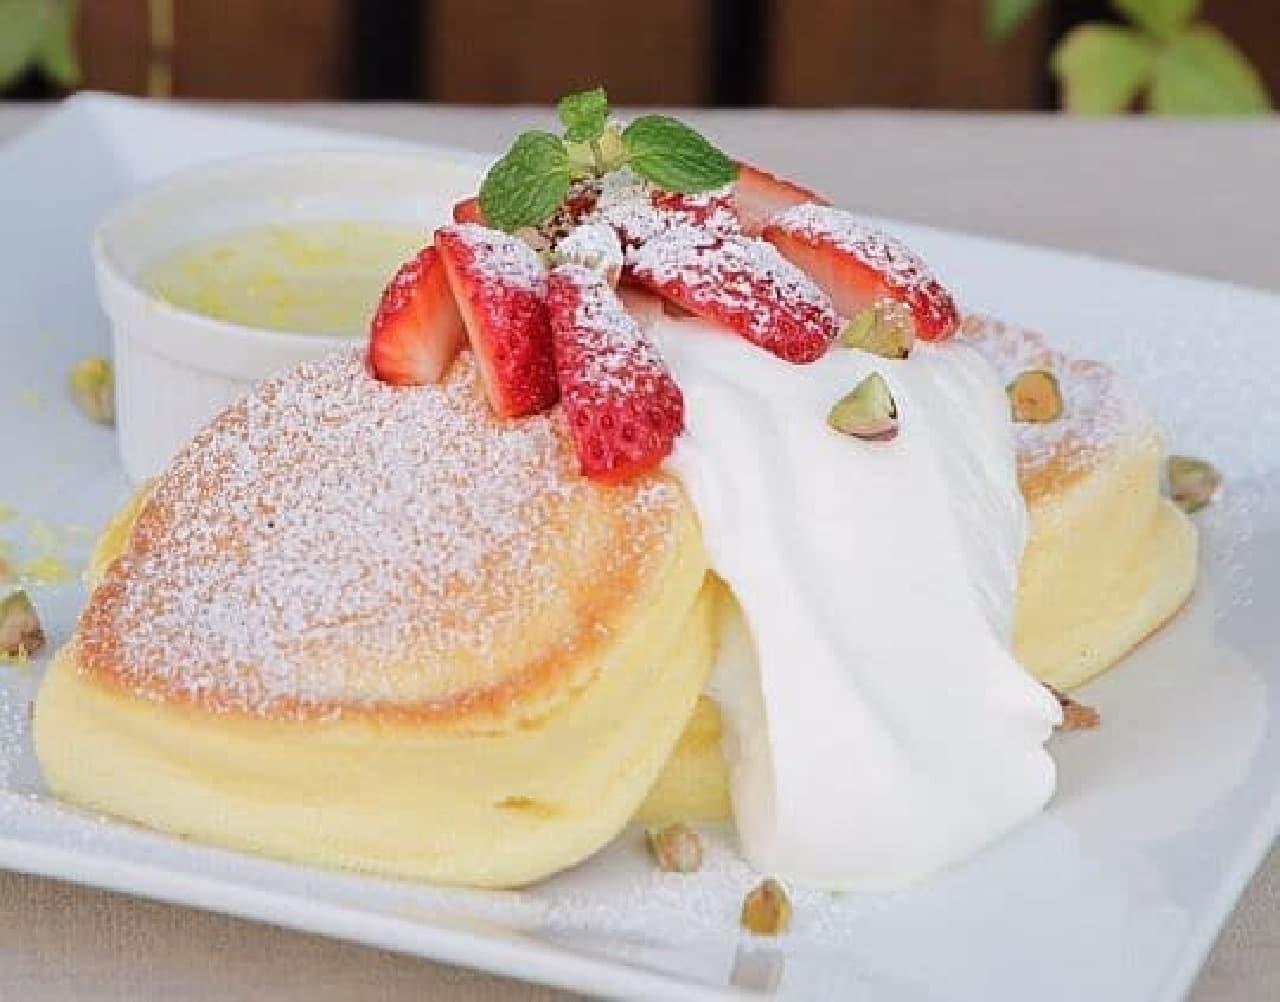 幸せのパンケーキ「国産いちごのストロベリーチーズフォンデュパンケーキ」